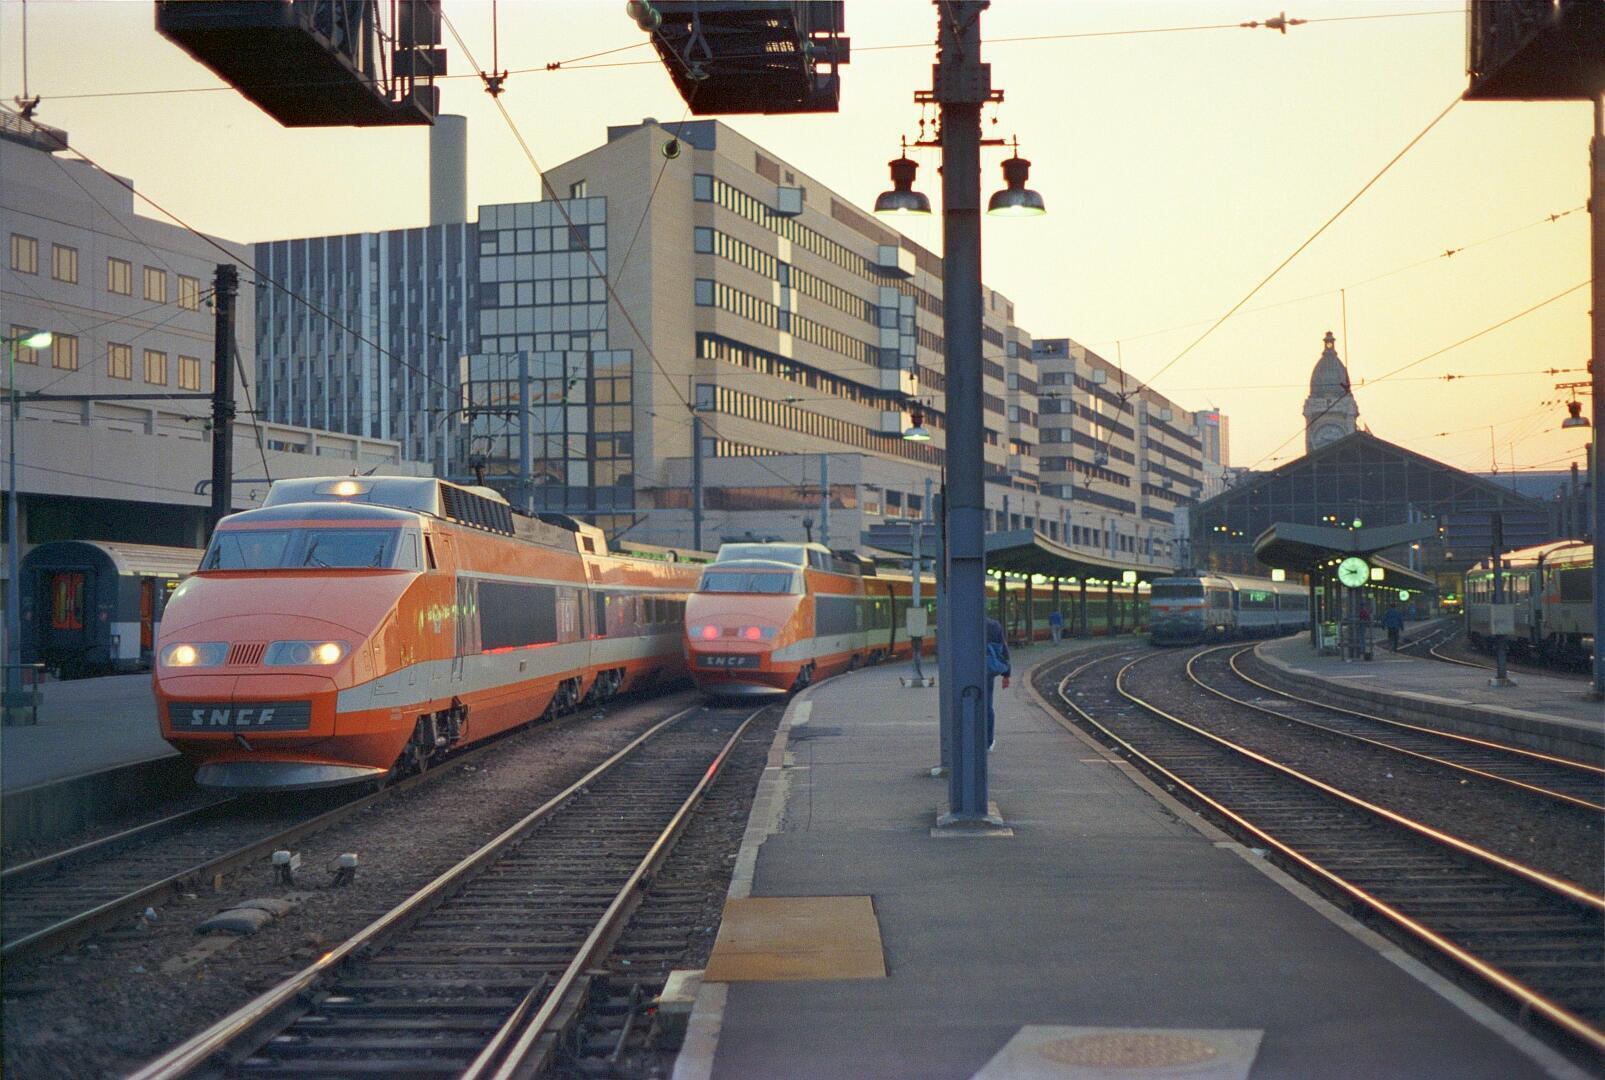 Image de la première édition du train DGV arrivé au Carré de Lyon à Paris dans les années 1970.